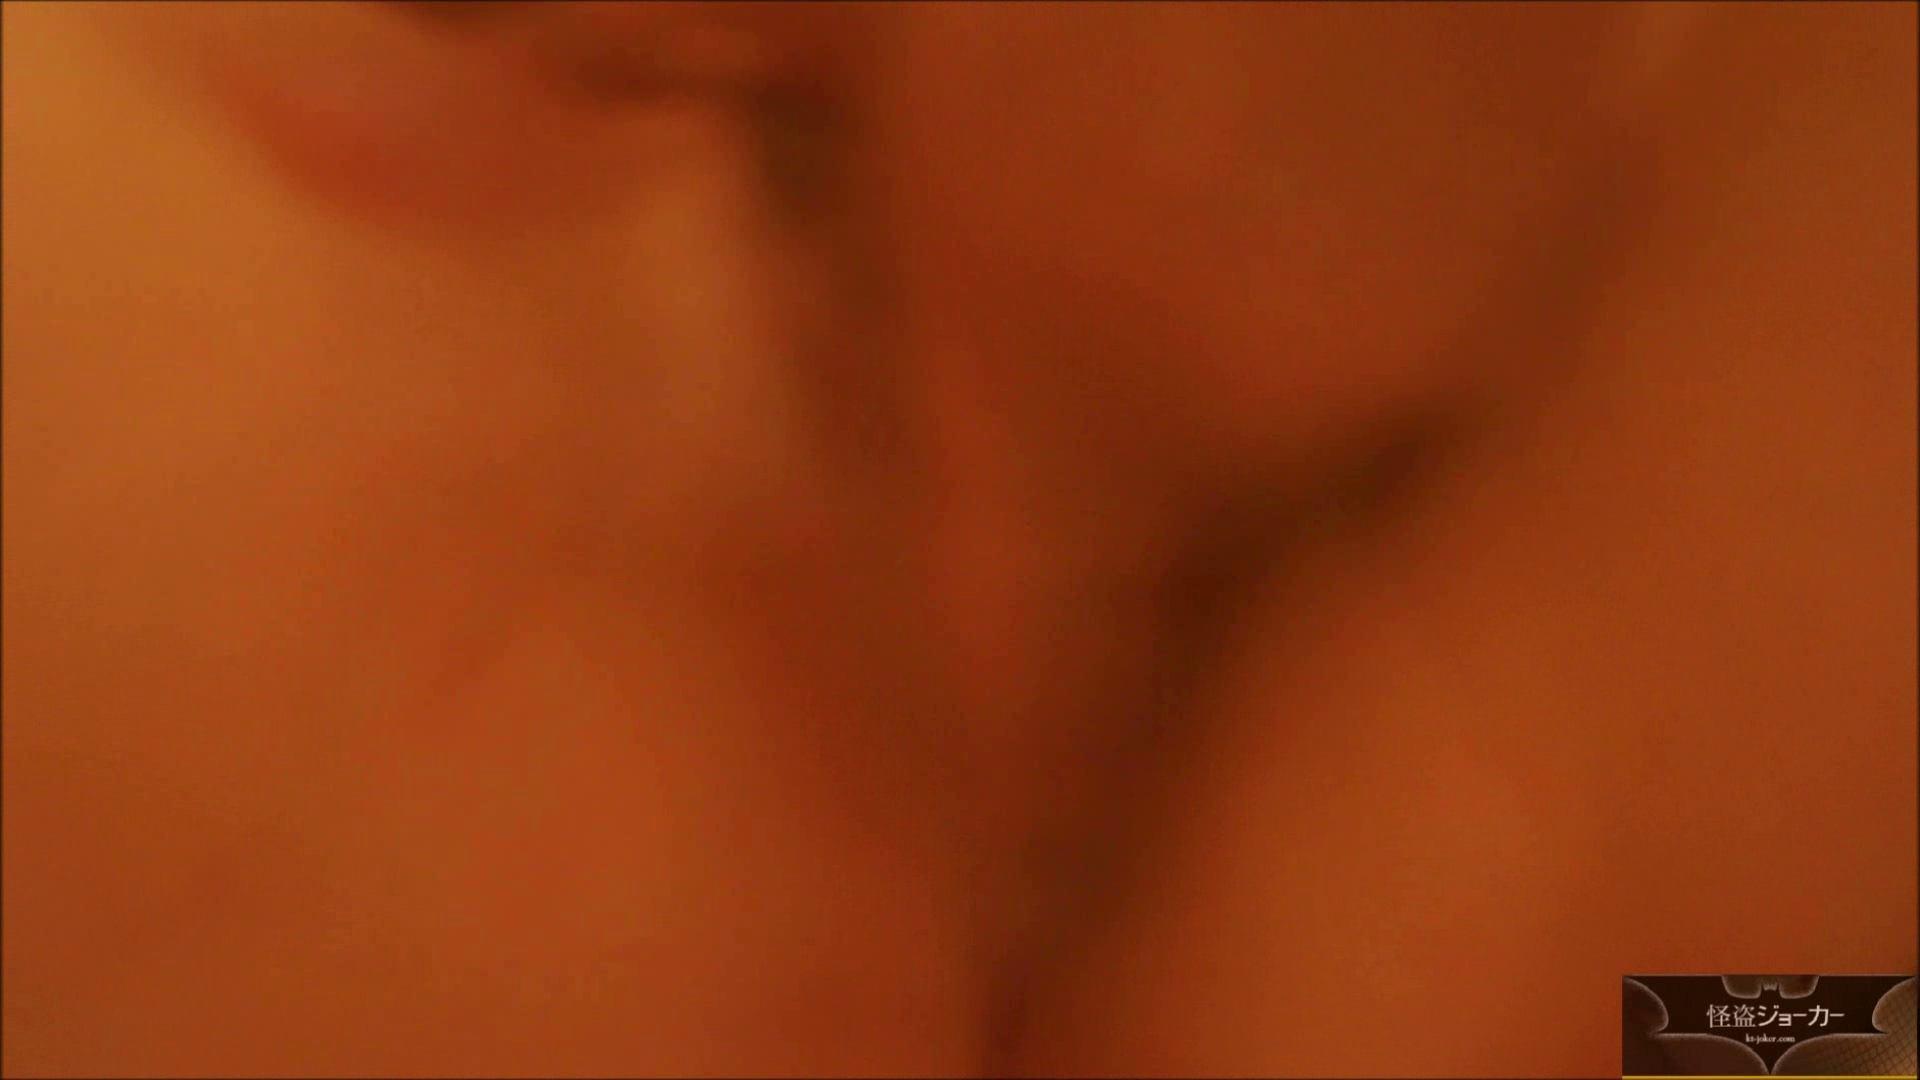 【未公開】vol.36 【援助】鏡越しの朋葉を見ながら・・・ 丸見え セックス画像 88枚 78